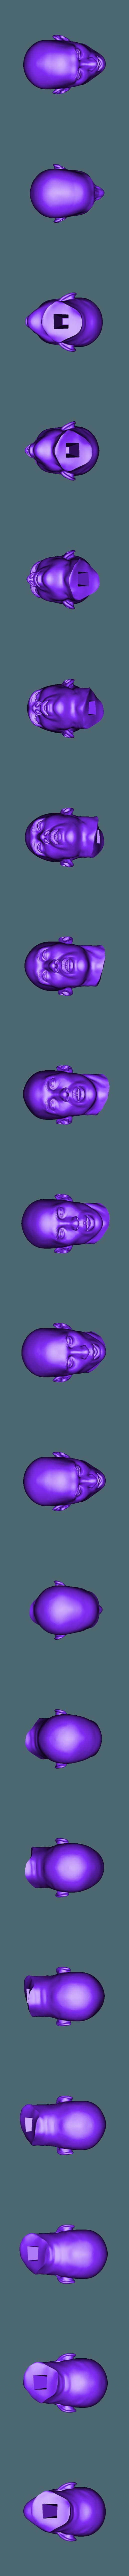 tête.STL Télécharger fichier STL gratuit statue kobe bryant • Design à imprimer en 3D, fantibus14